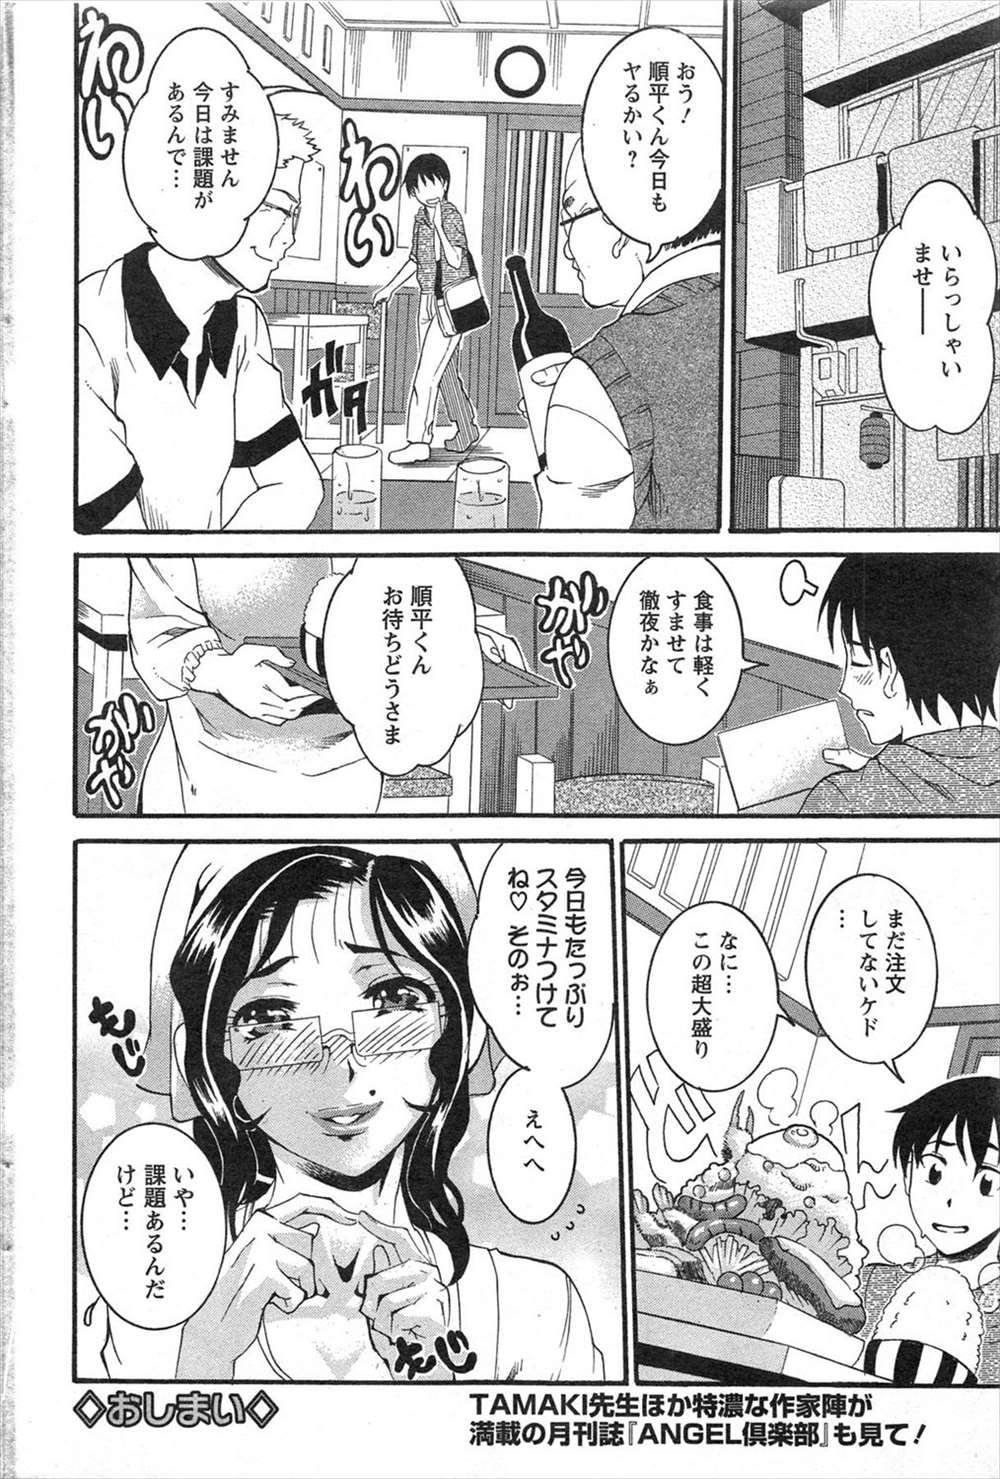 【エロ漫画】未亡人の食堂のおばちゃんにキス…熟女マンコに生挿入中出ししてイカせちゃう青年ww【TAMAKI:食べたかったのは食堂のおばちゃん】